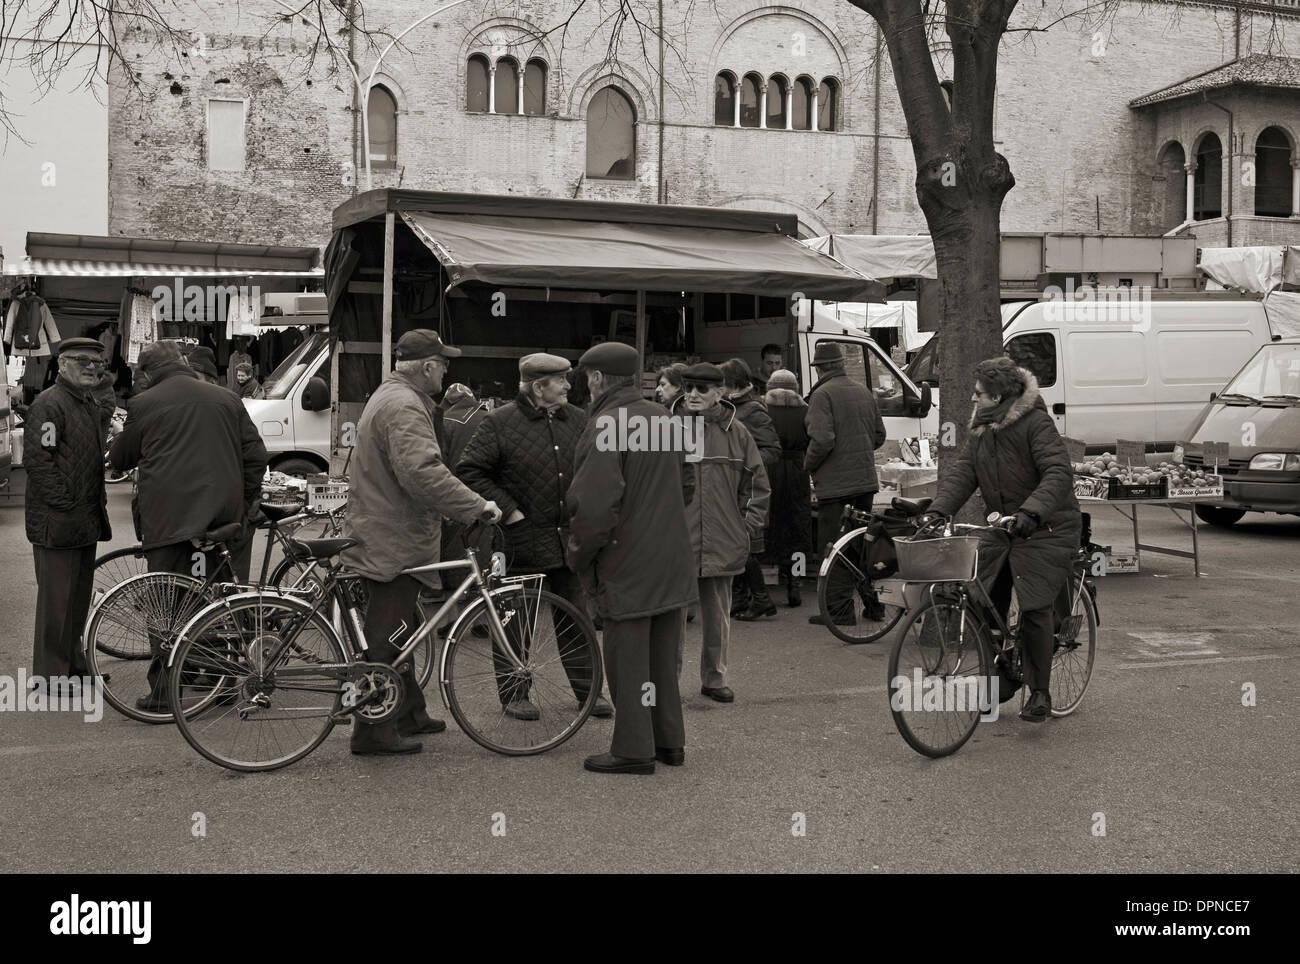 Piazza Martiri della Liberta, Faenza, Emilia Romagna Stock Photo